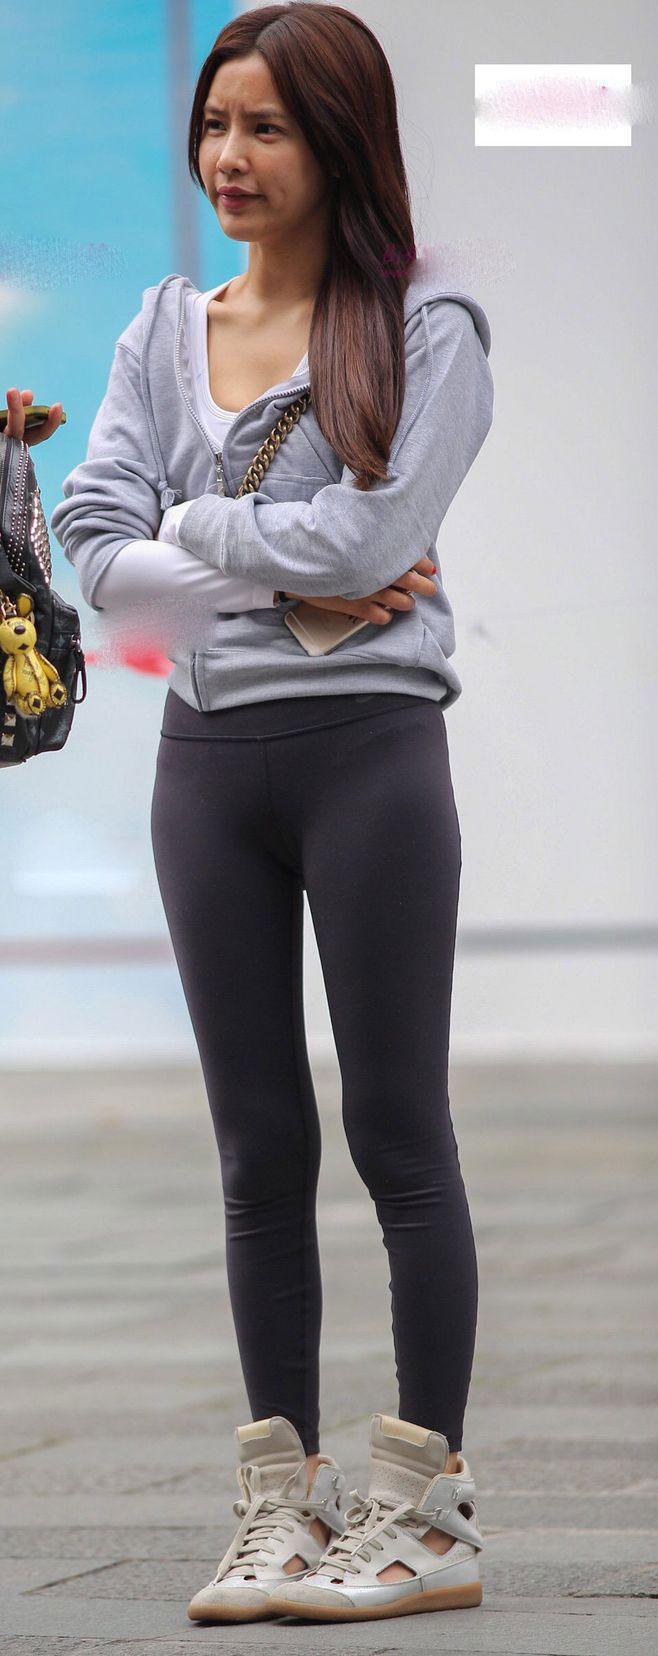 紧身裤十足街头风范, 别出心裁, 散发青春气息 5